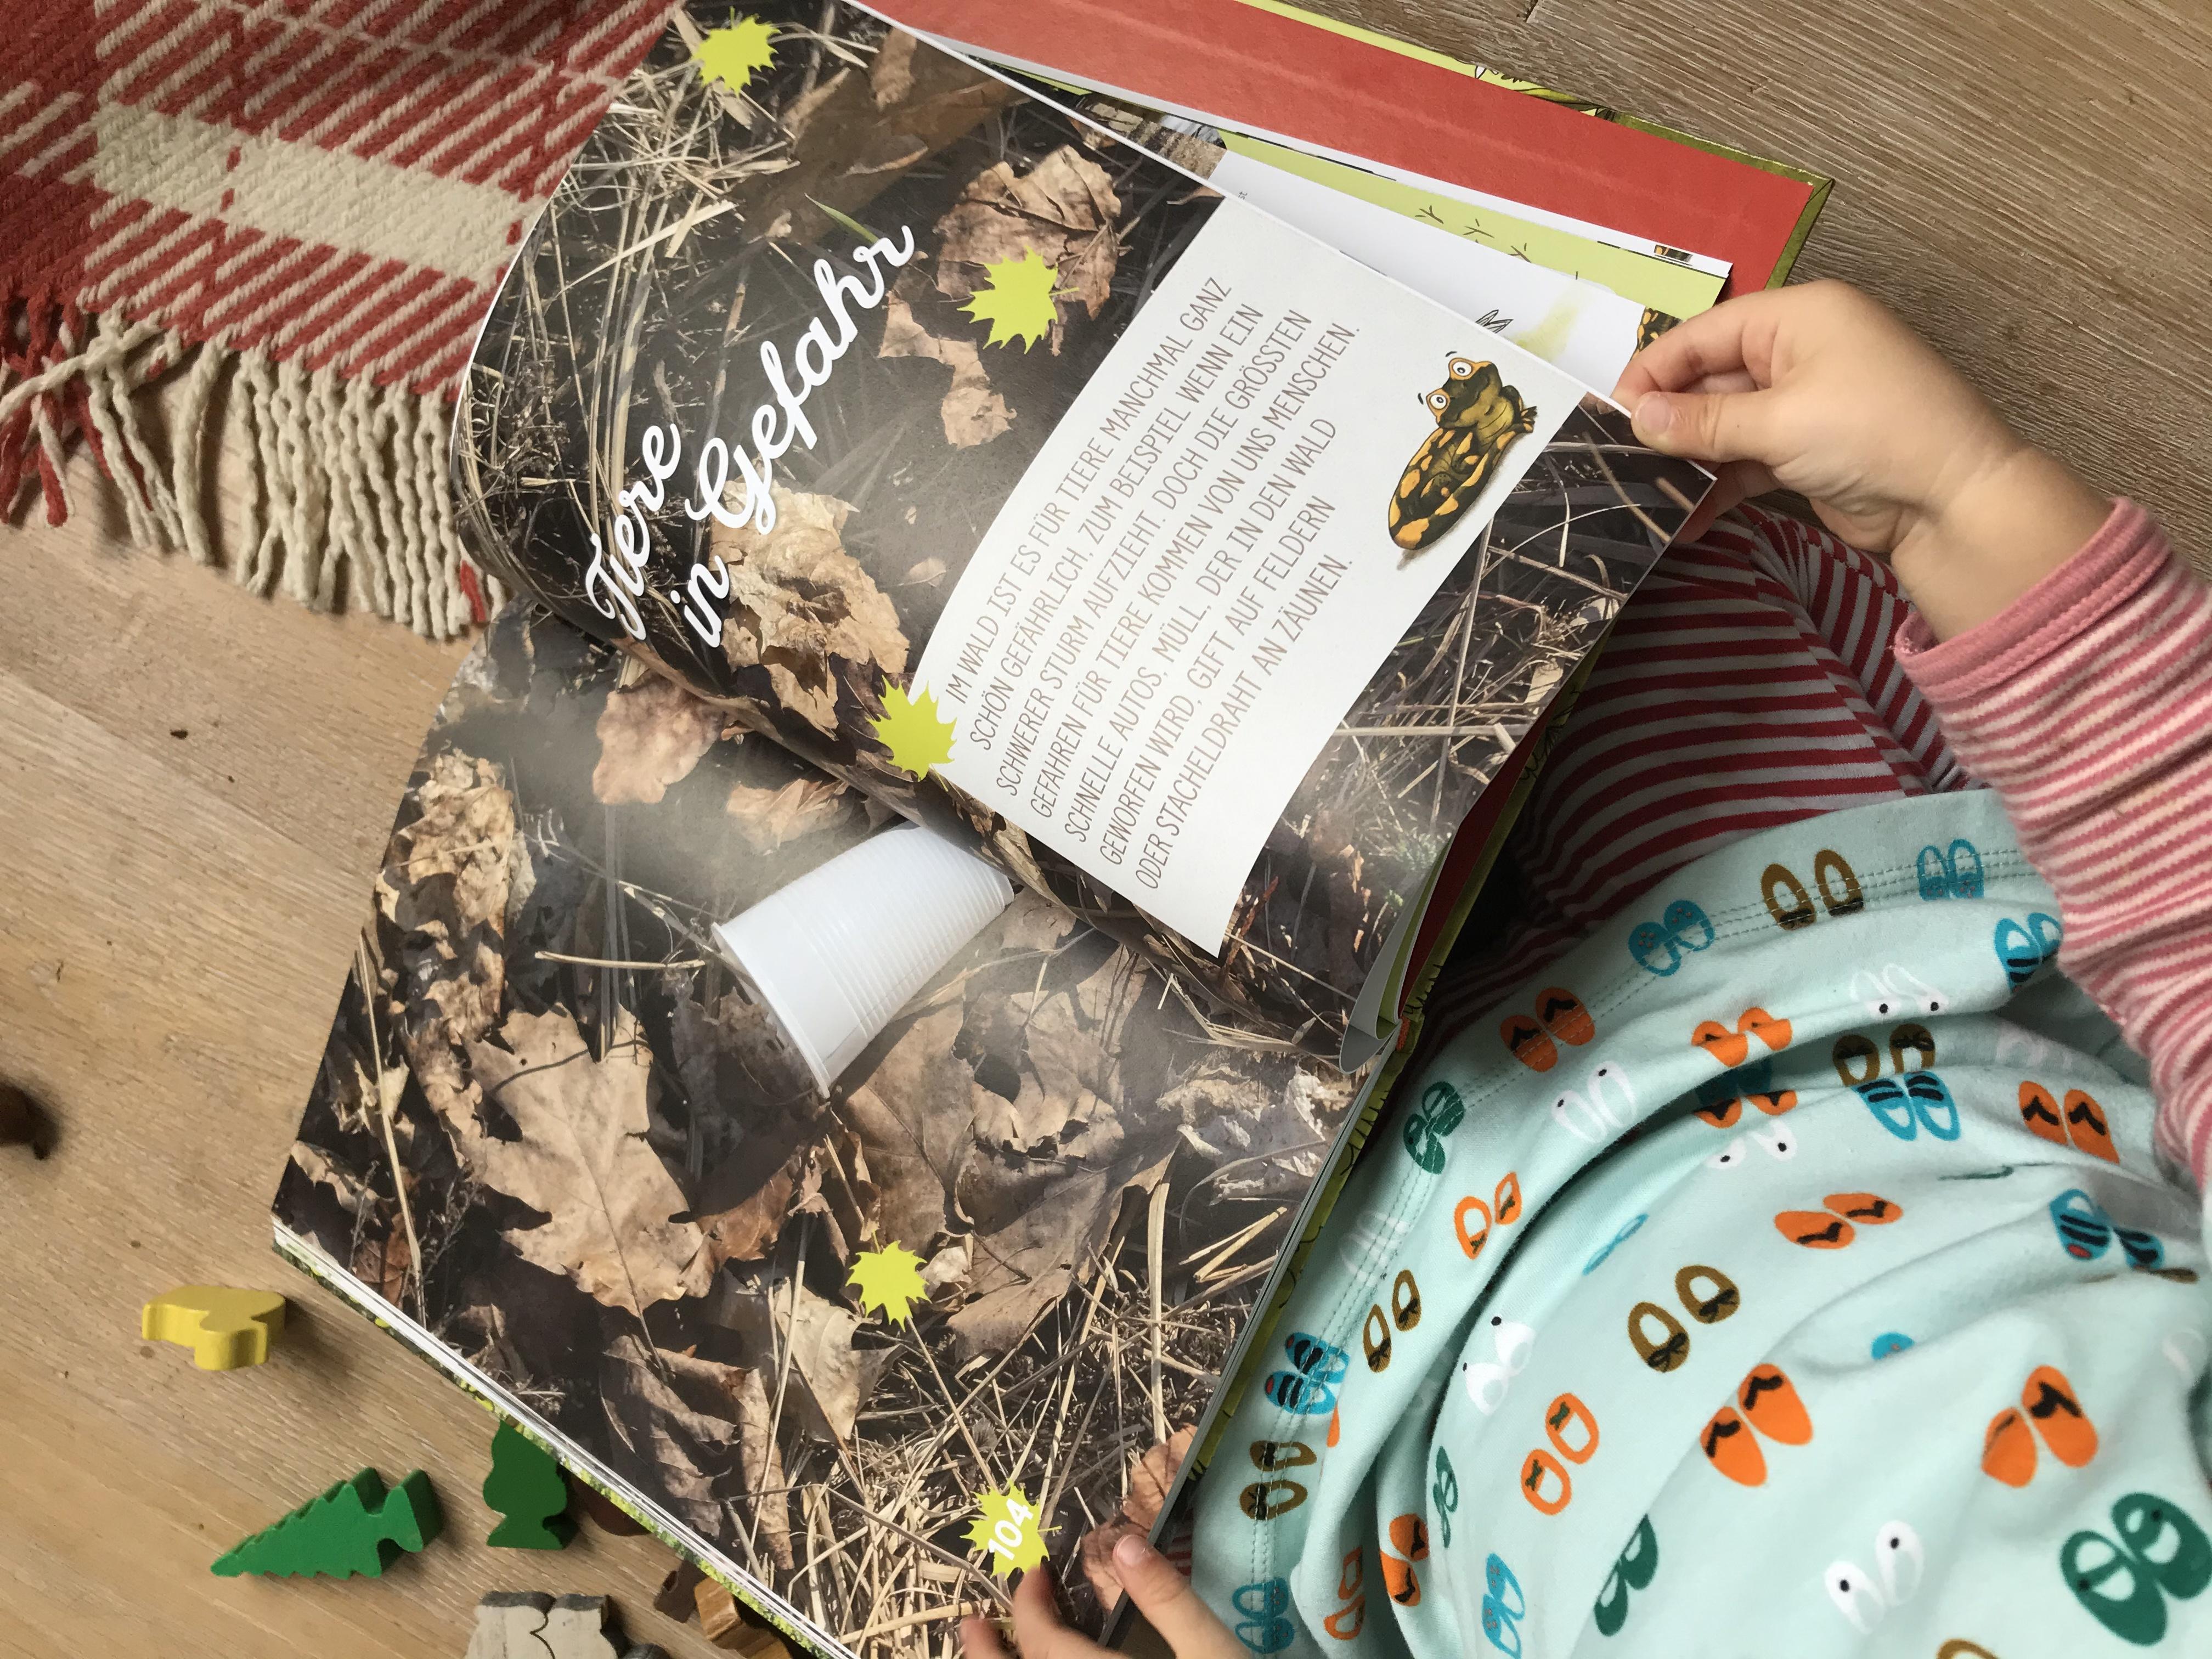 Kinderbuch von Peter wohlleben über Tiere im Wald